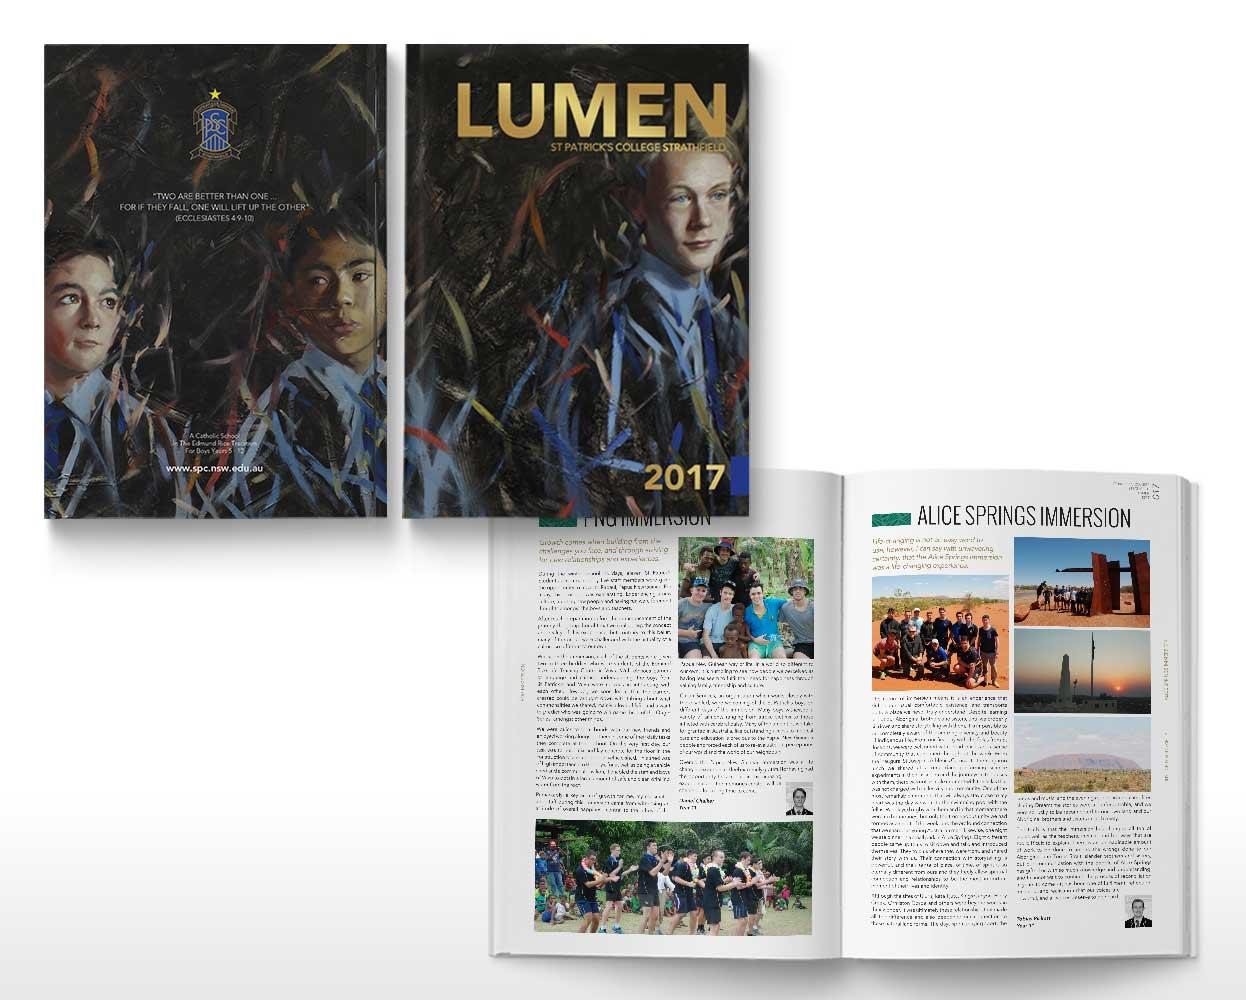 St Patricks College Lumen Branding Year Book 2017 Spread